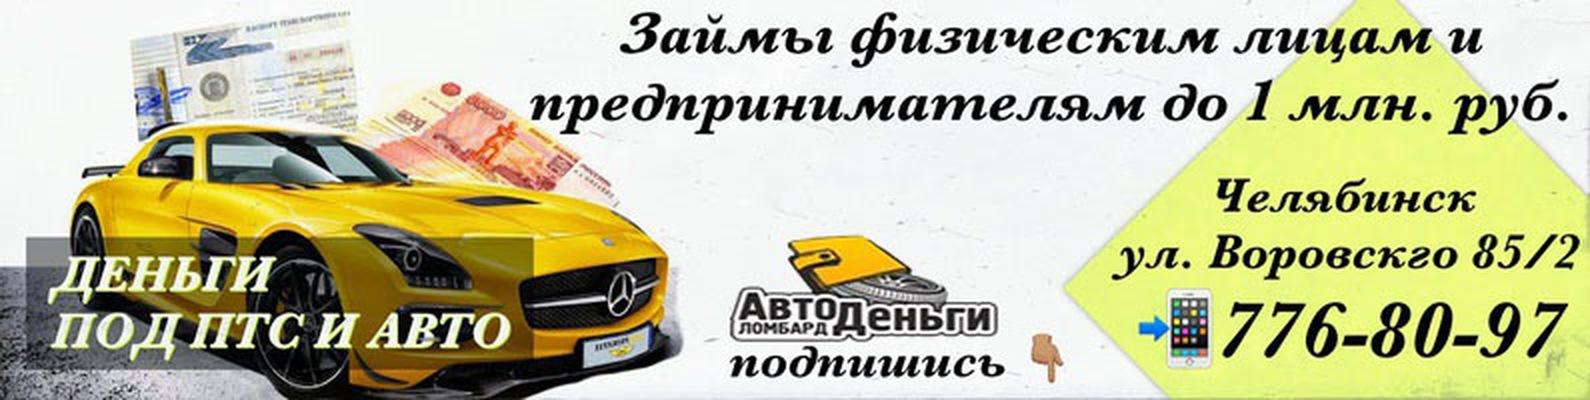 Кредит под птс челябинск продать кредитное авто птс на руках